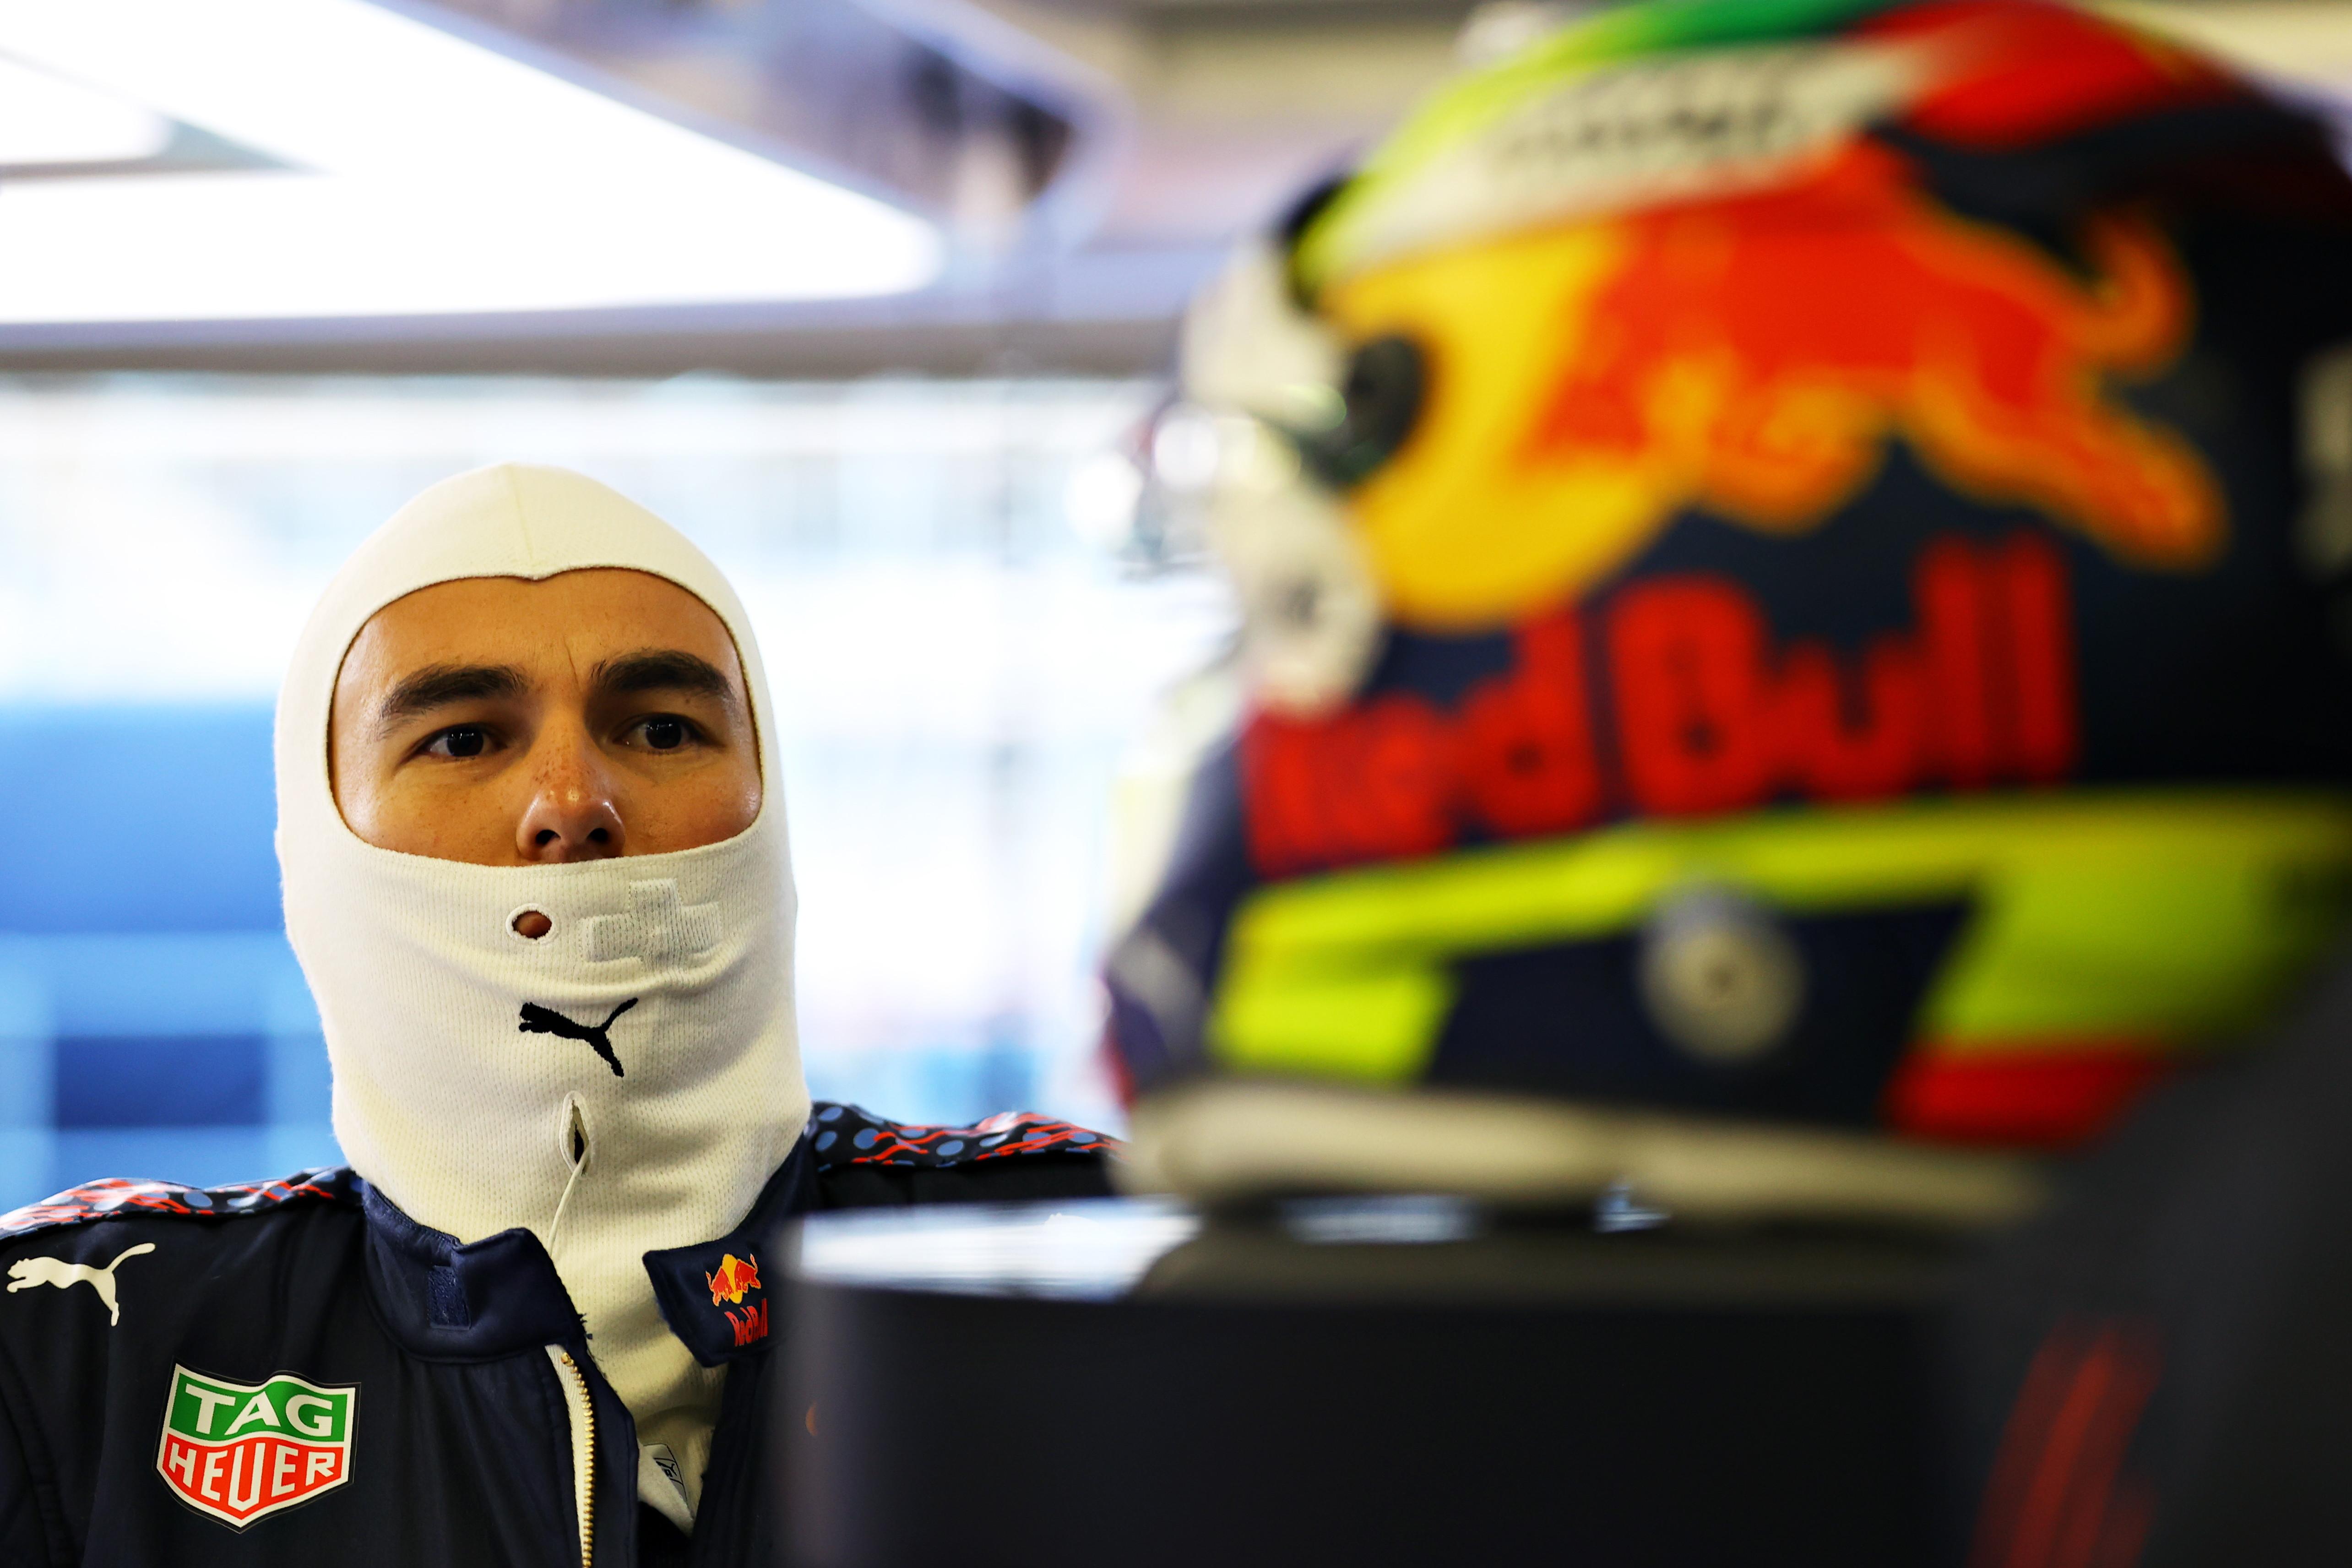 """<p style=""""text-align: justify;"""">Il team austriaco ha presentato la RB16B, che sfider&agrave; le Mercedes nella corsa al titolo.&nbsp;Il messicano, neo acquisto della scuderia, ha avuto l&#39;opportunit&agrave; di testare la nuova monoposto sull&#39;asfalto di Silverstone.<br /><br />"""